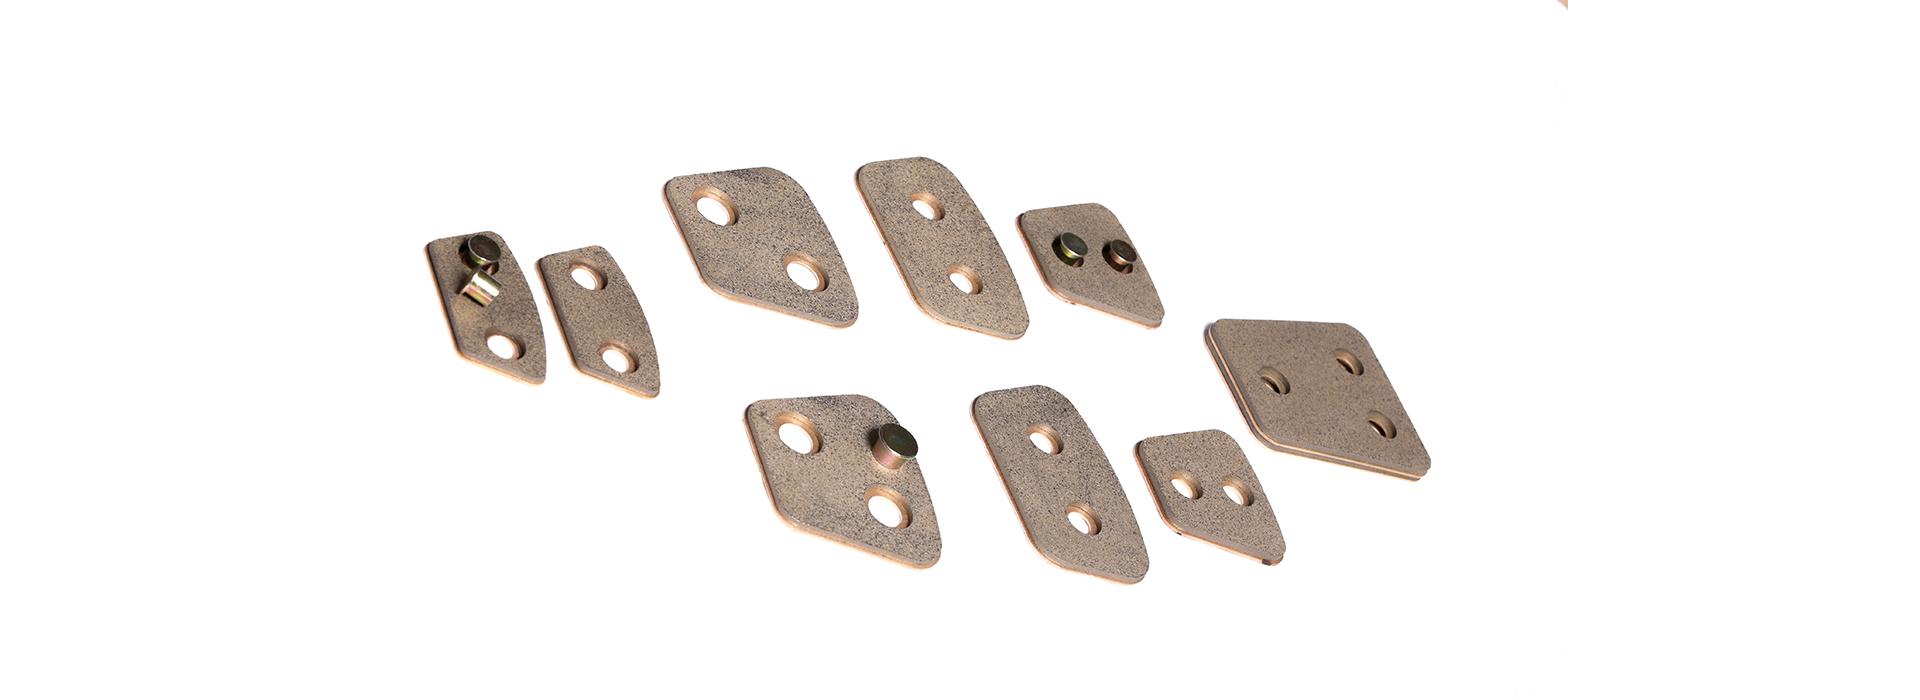 Buttons-tanger-maroc